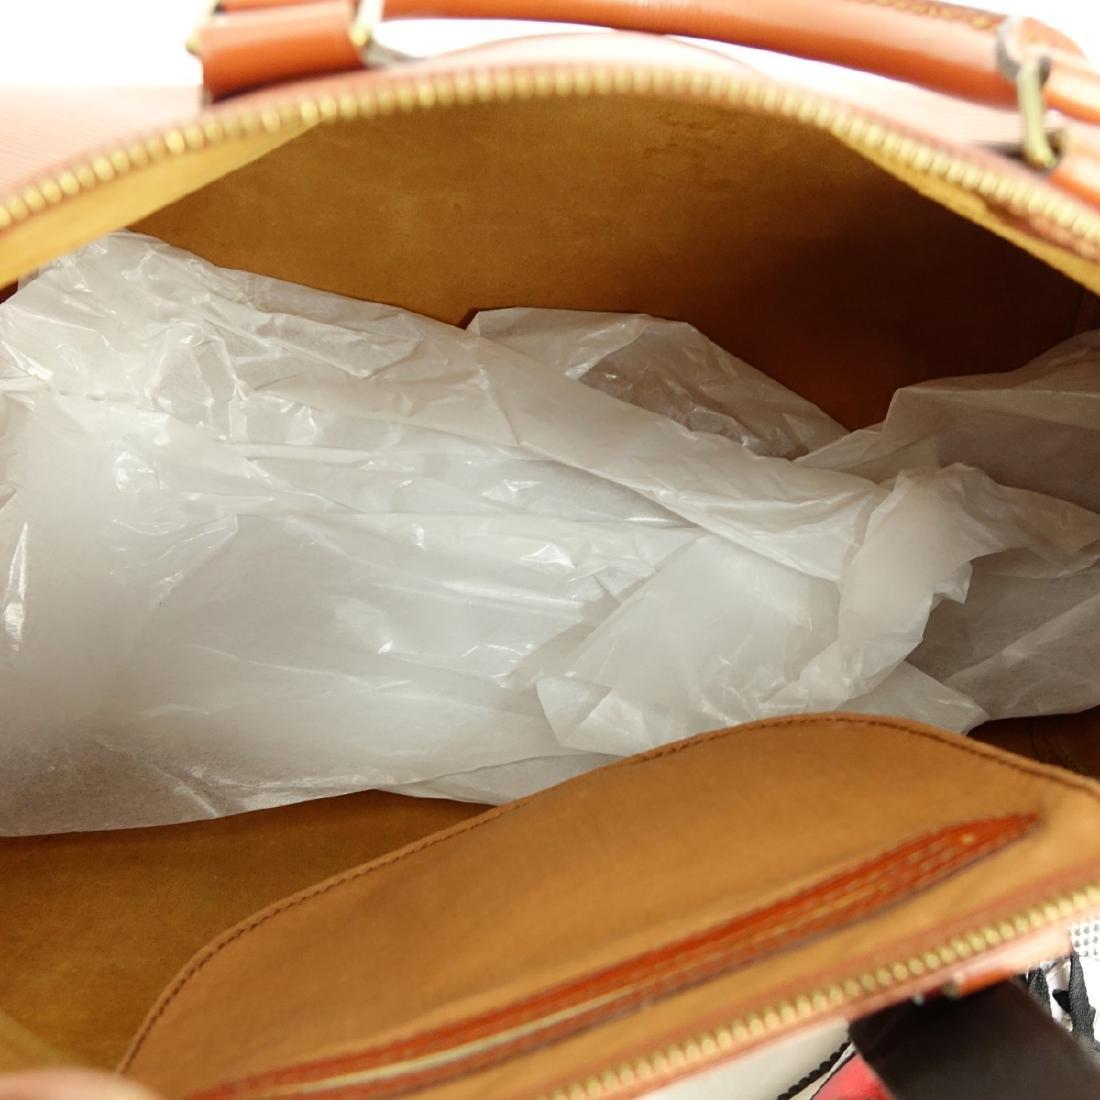 Louis Vuitton Tan Epi Leather Speedy 40 Bag - 7